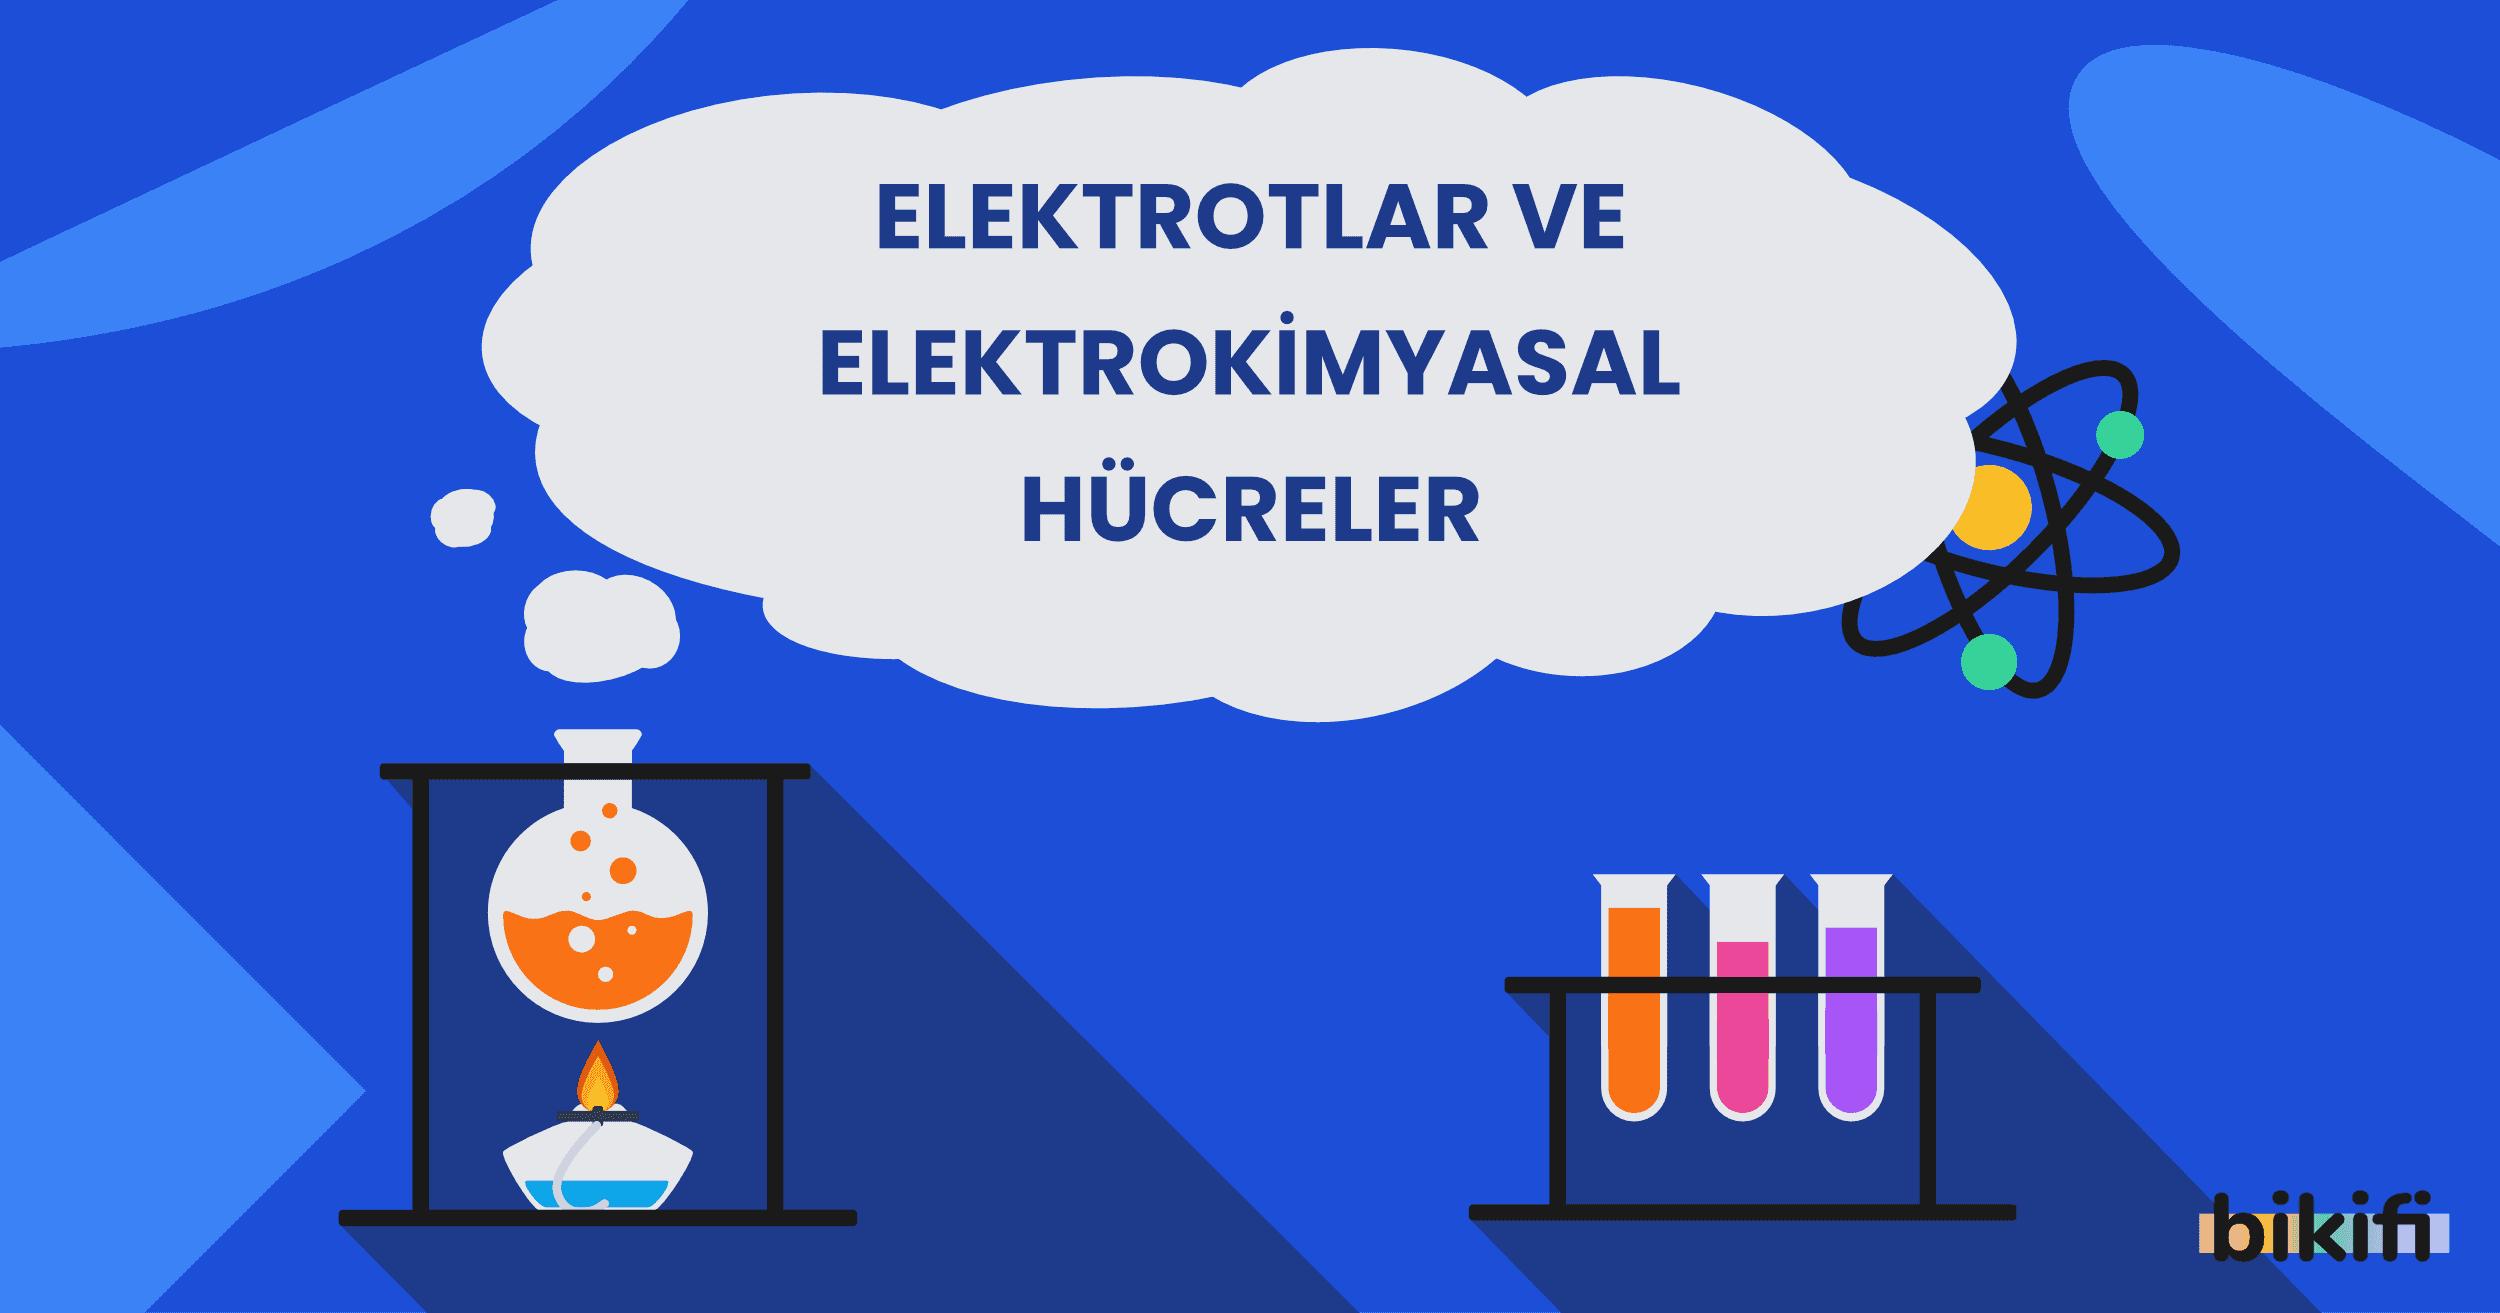 Elektrotlar ve Elektrokimyasal Hücreler